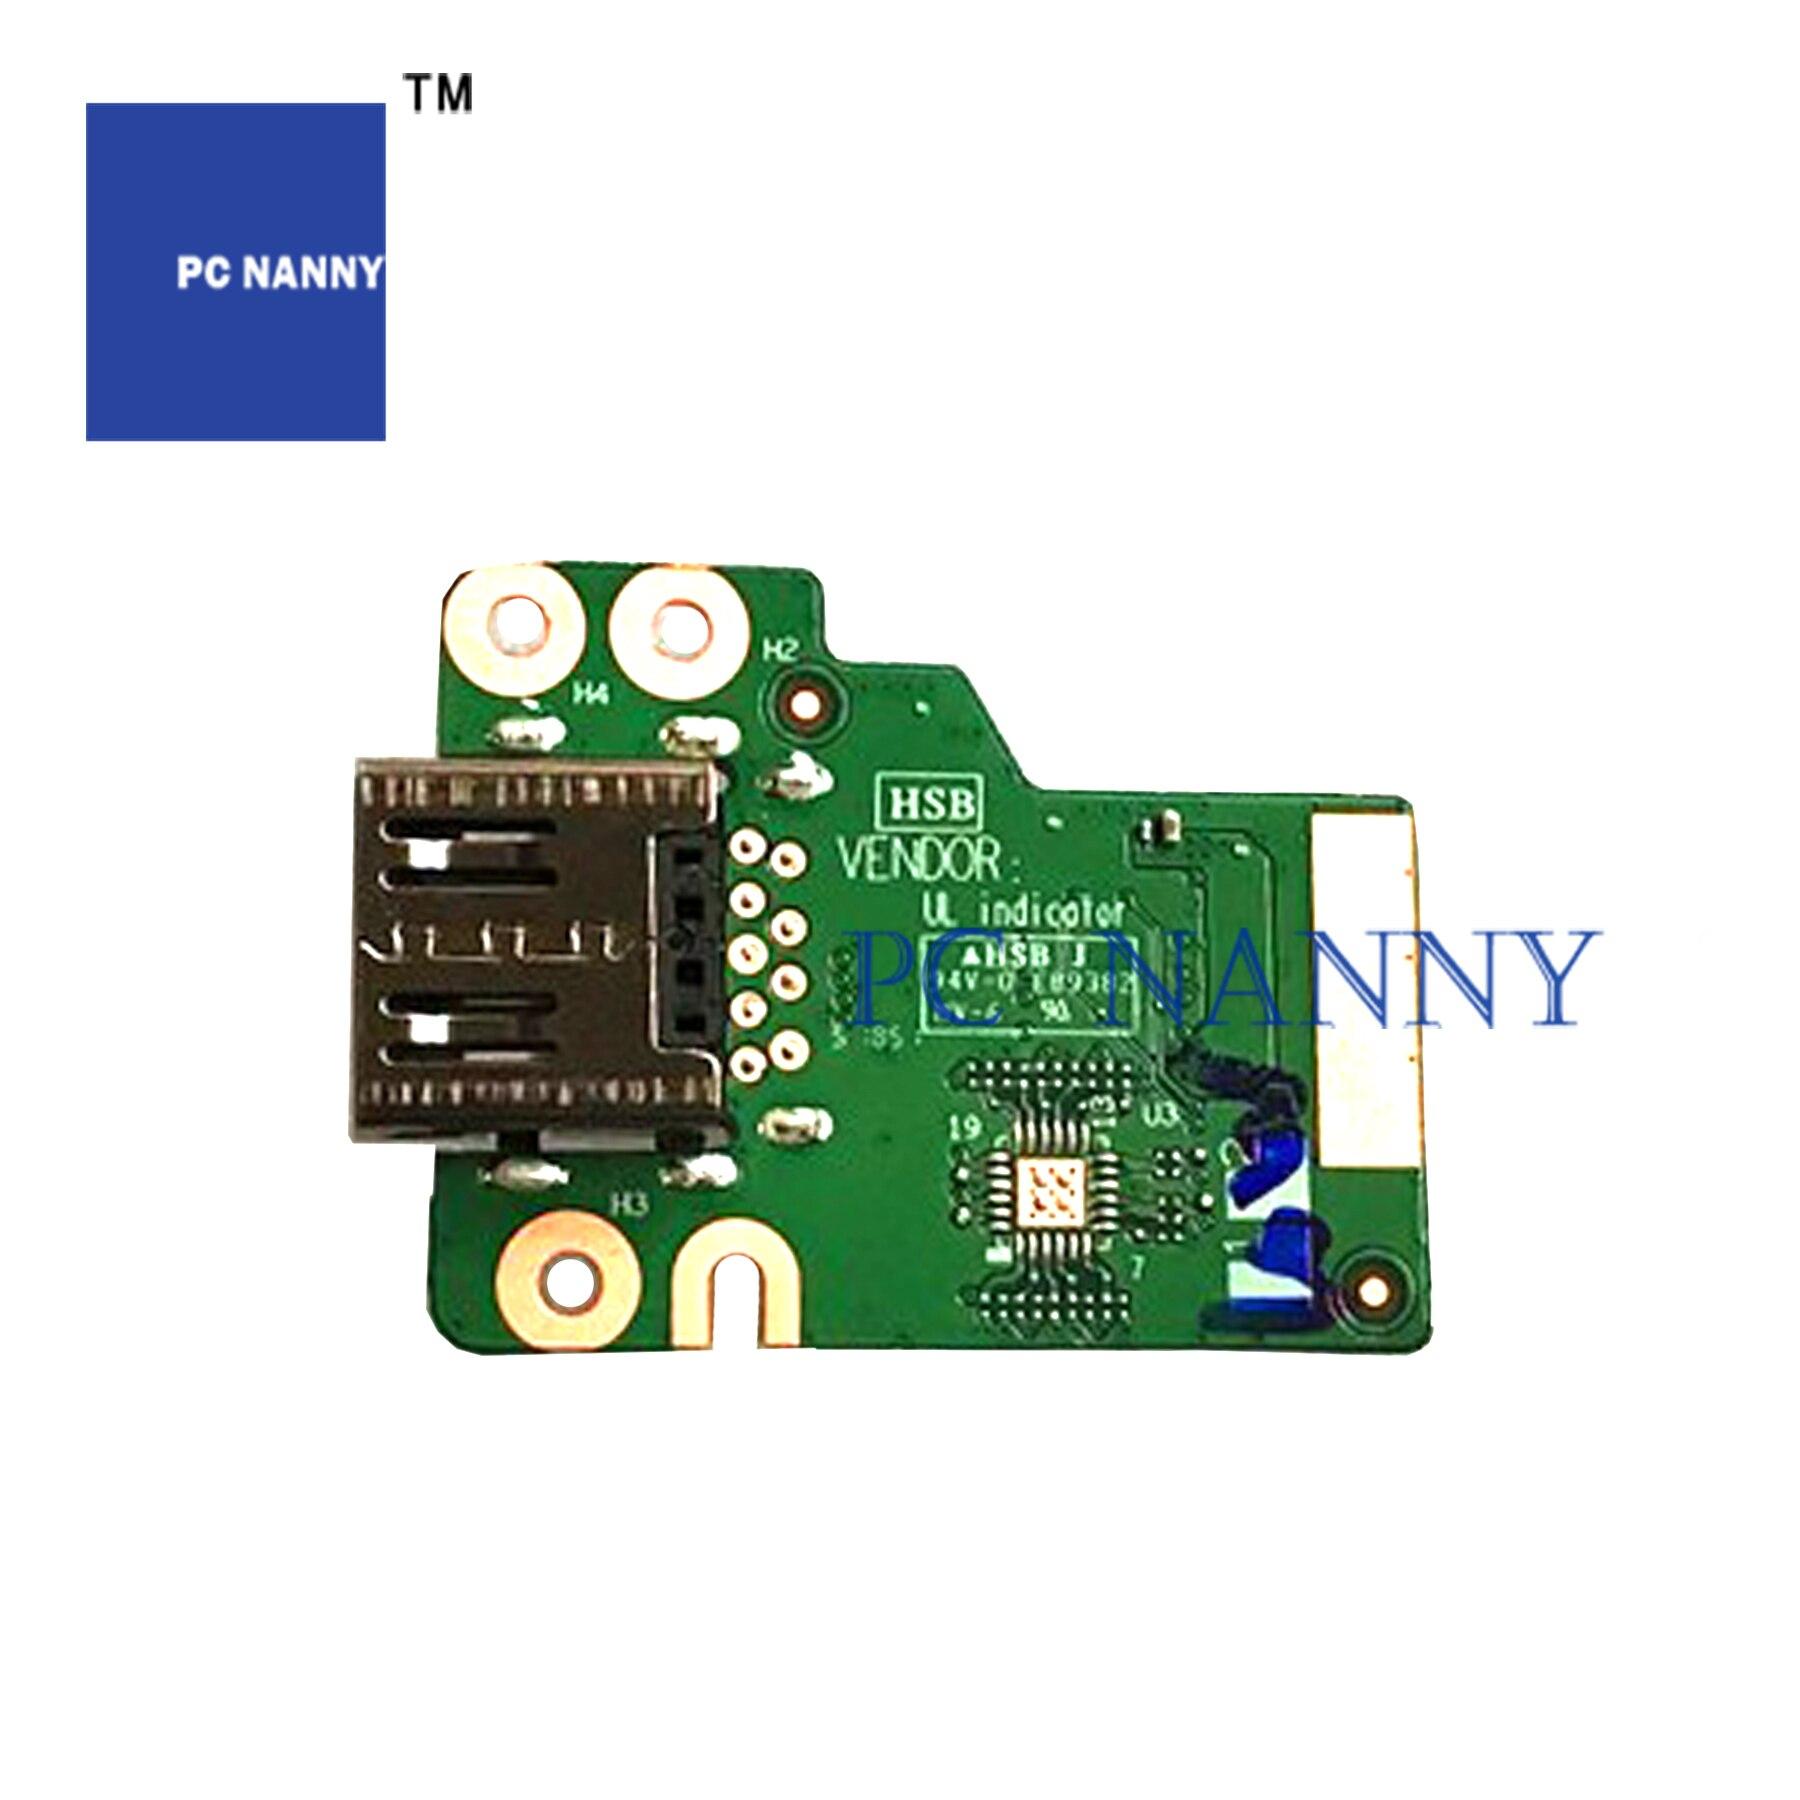 Lenovo Usb Board Cable For ThinkPad T460 01HX023 01HX022 01HX021